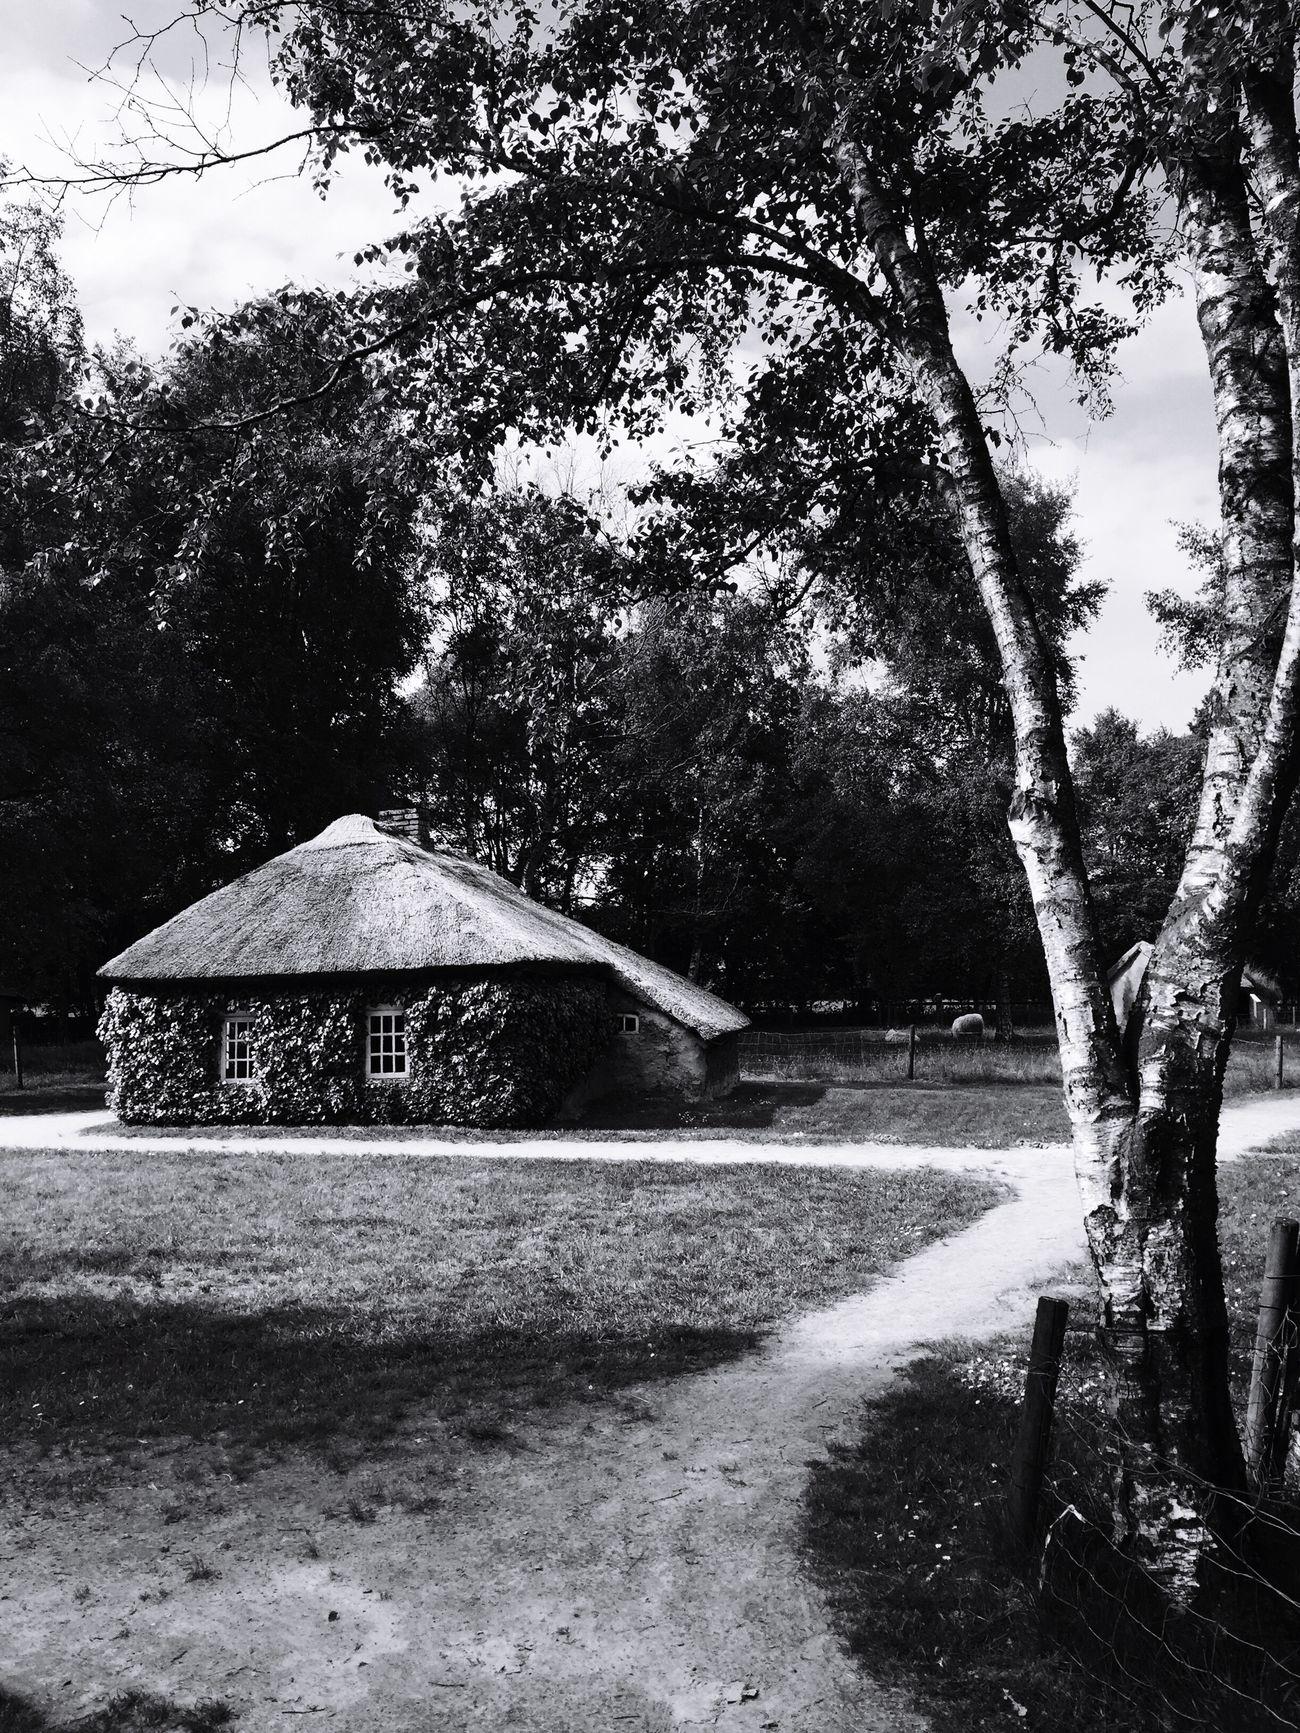 Hometown Bnwphotography EyeEm Best Shots East-frisia Birchtree.rClayhutyHut ClaycBog Moor moor